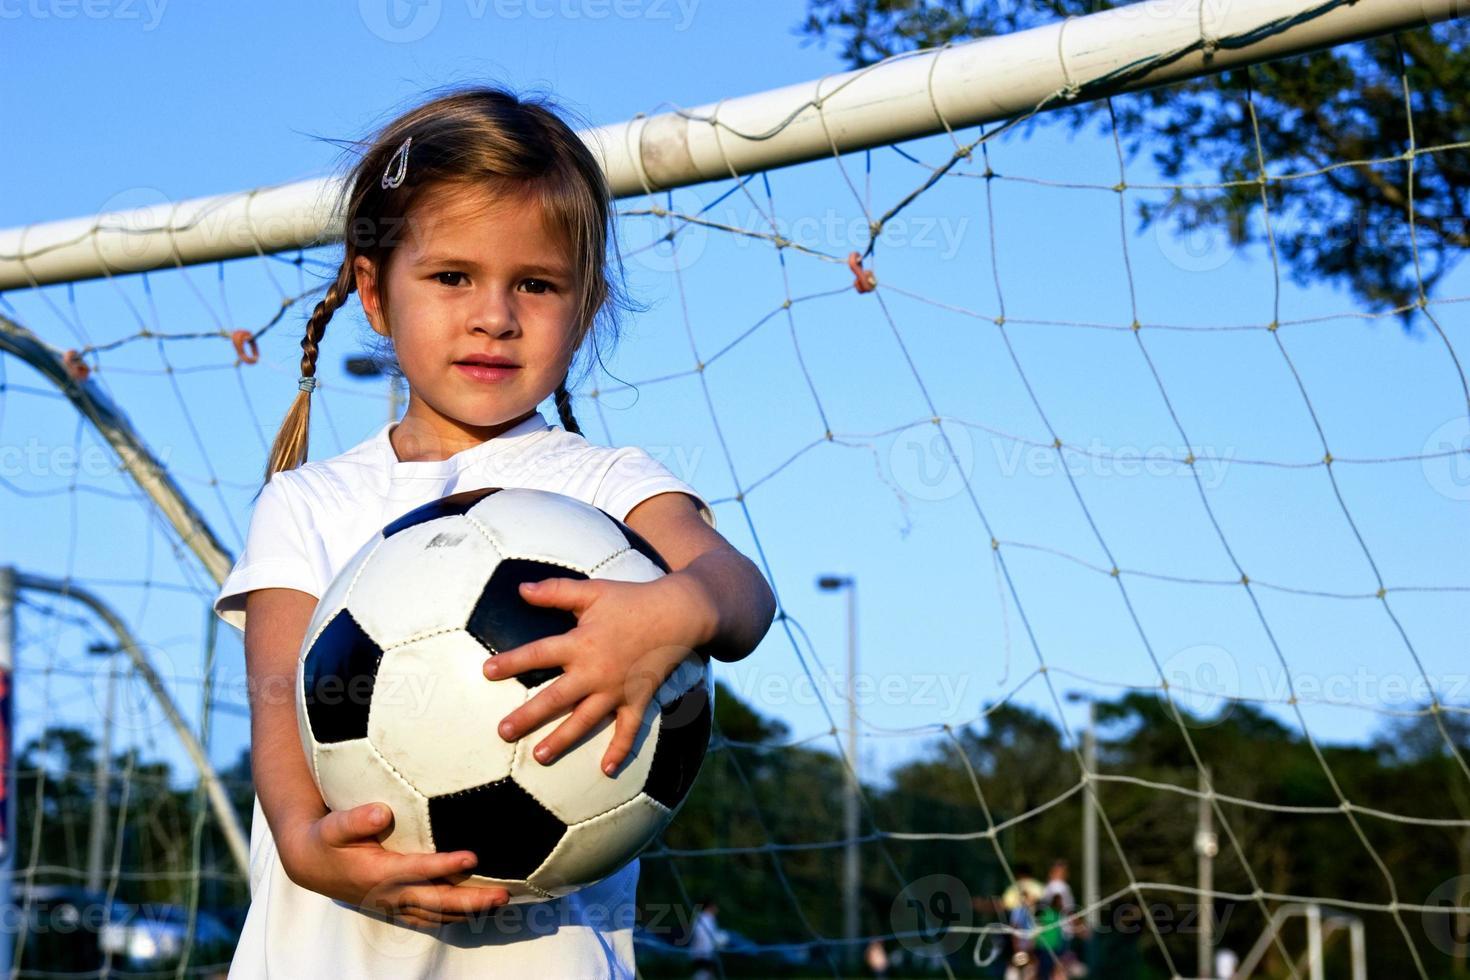 menina, segurando uma bola de futebol foto